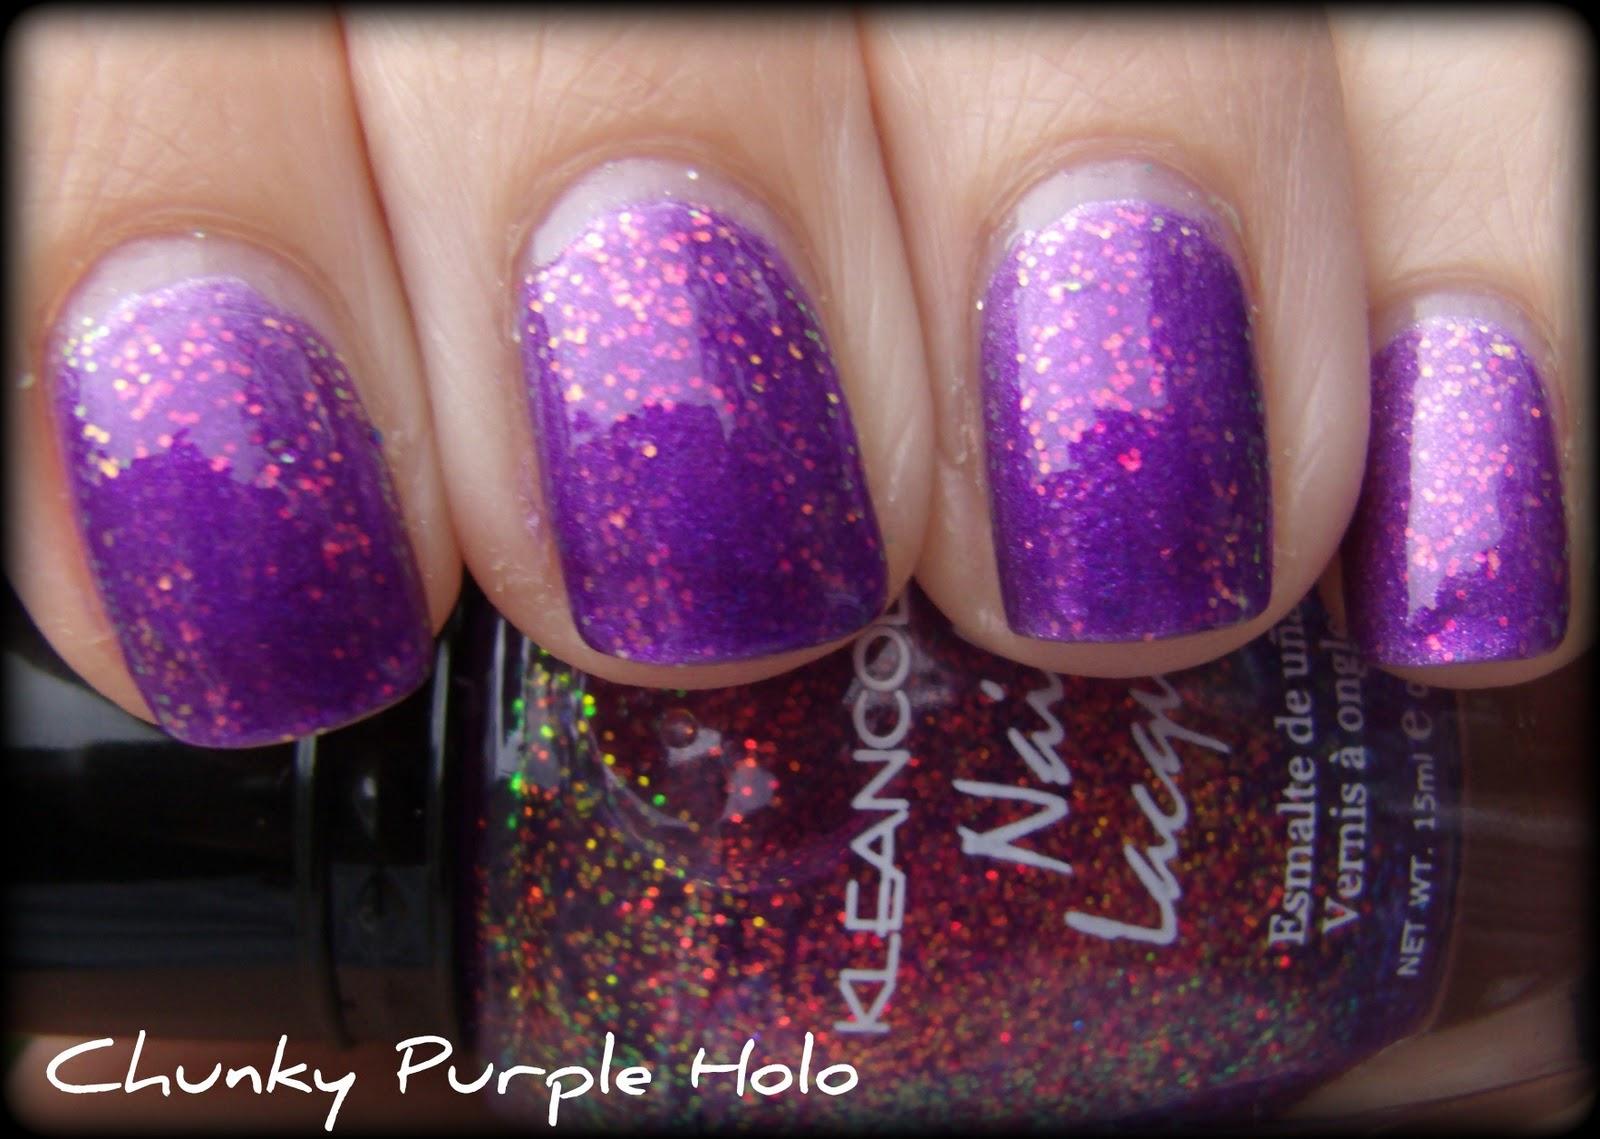 Obsessive Cosmetic Hoarders Unite!: November 2011